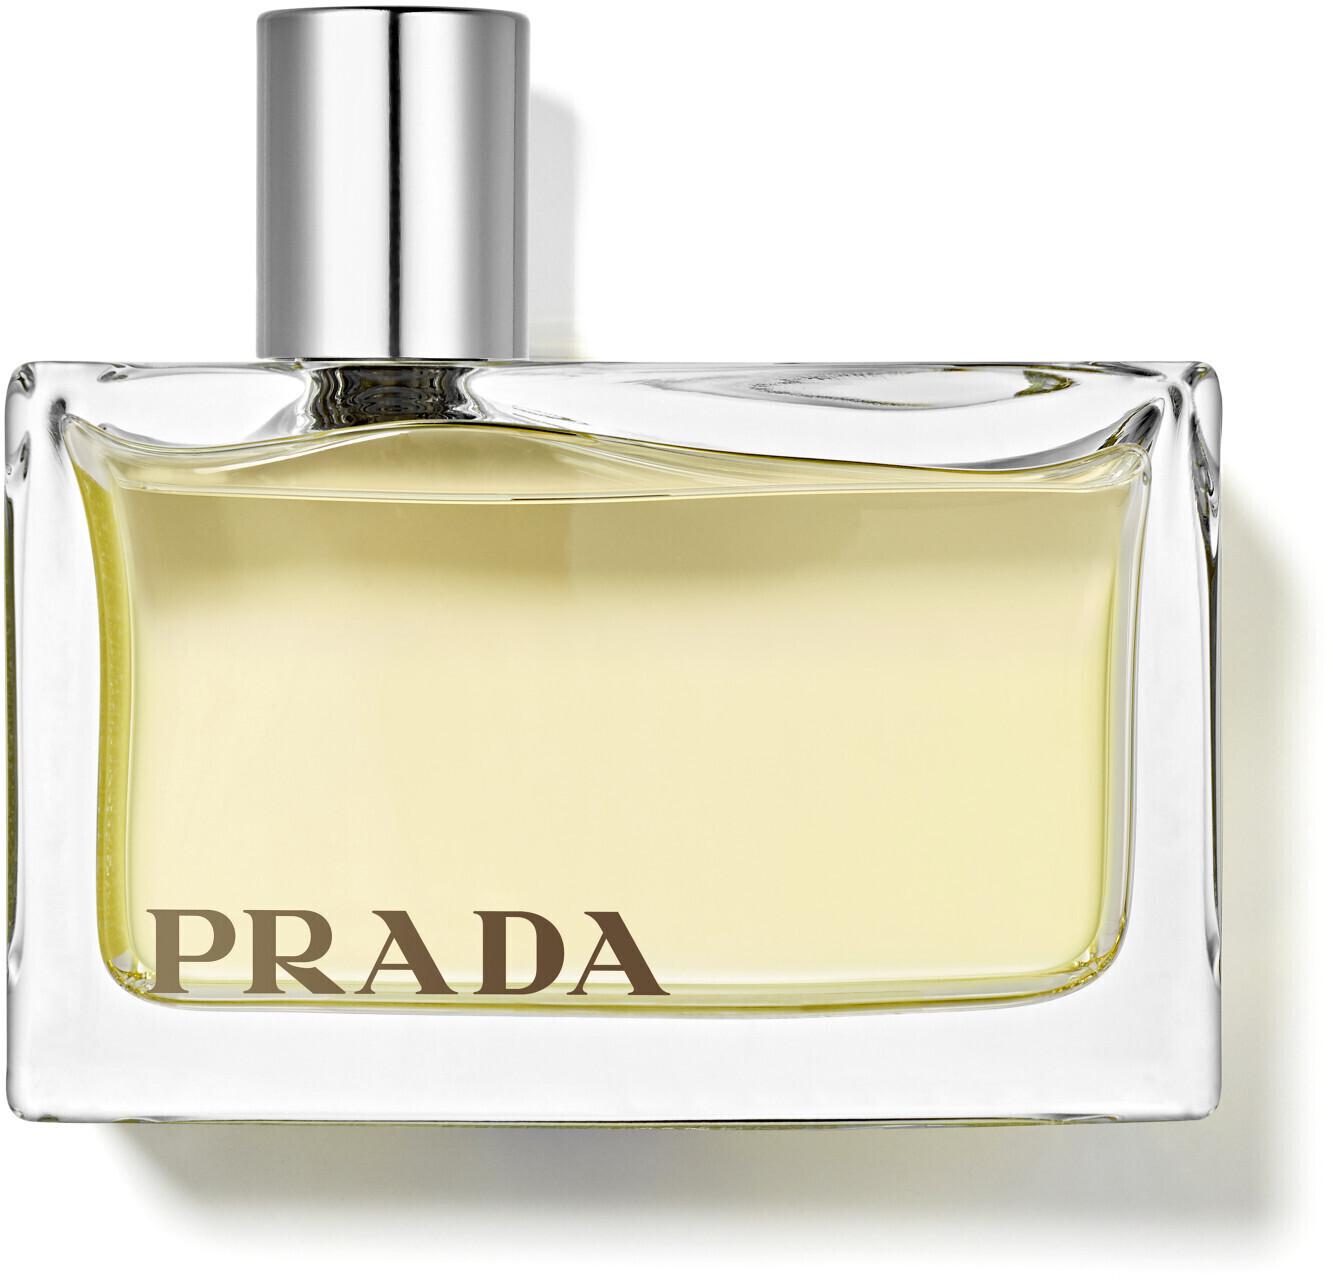 Image of Prada Amber Eau de Parfum (80ml)